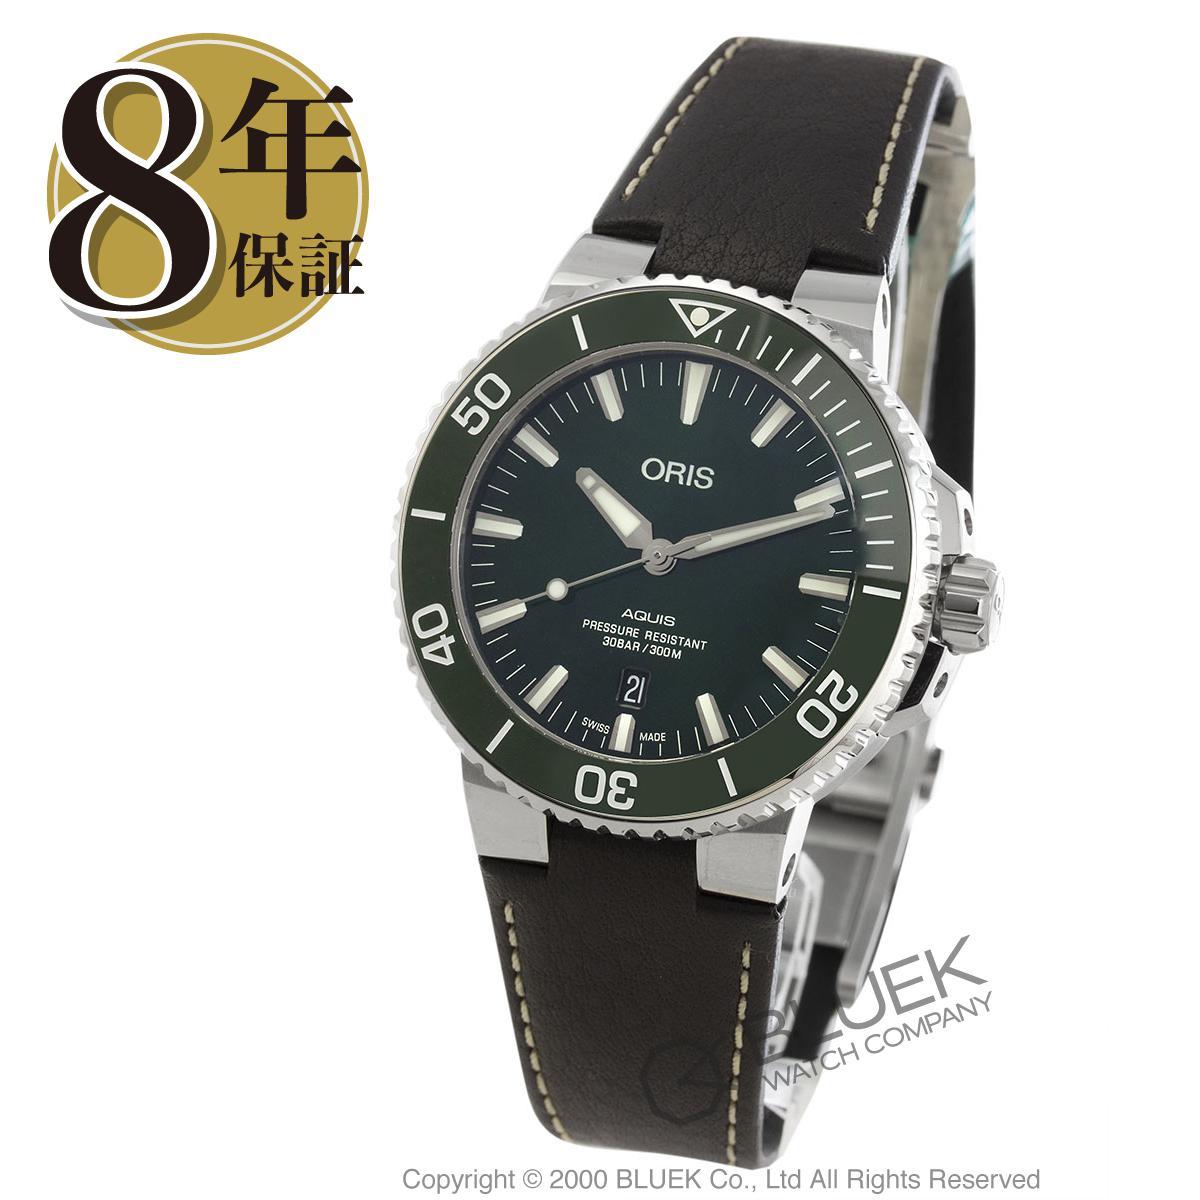 オリス アクイス デイト 300m防水 腕時計 メンズ ORIS 733 7730 4157F_8